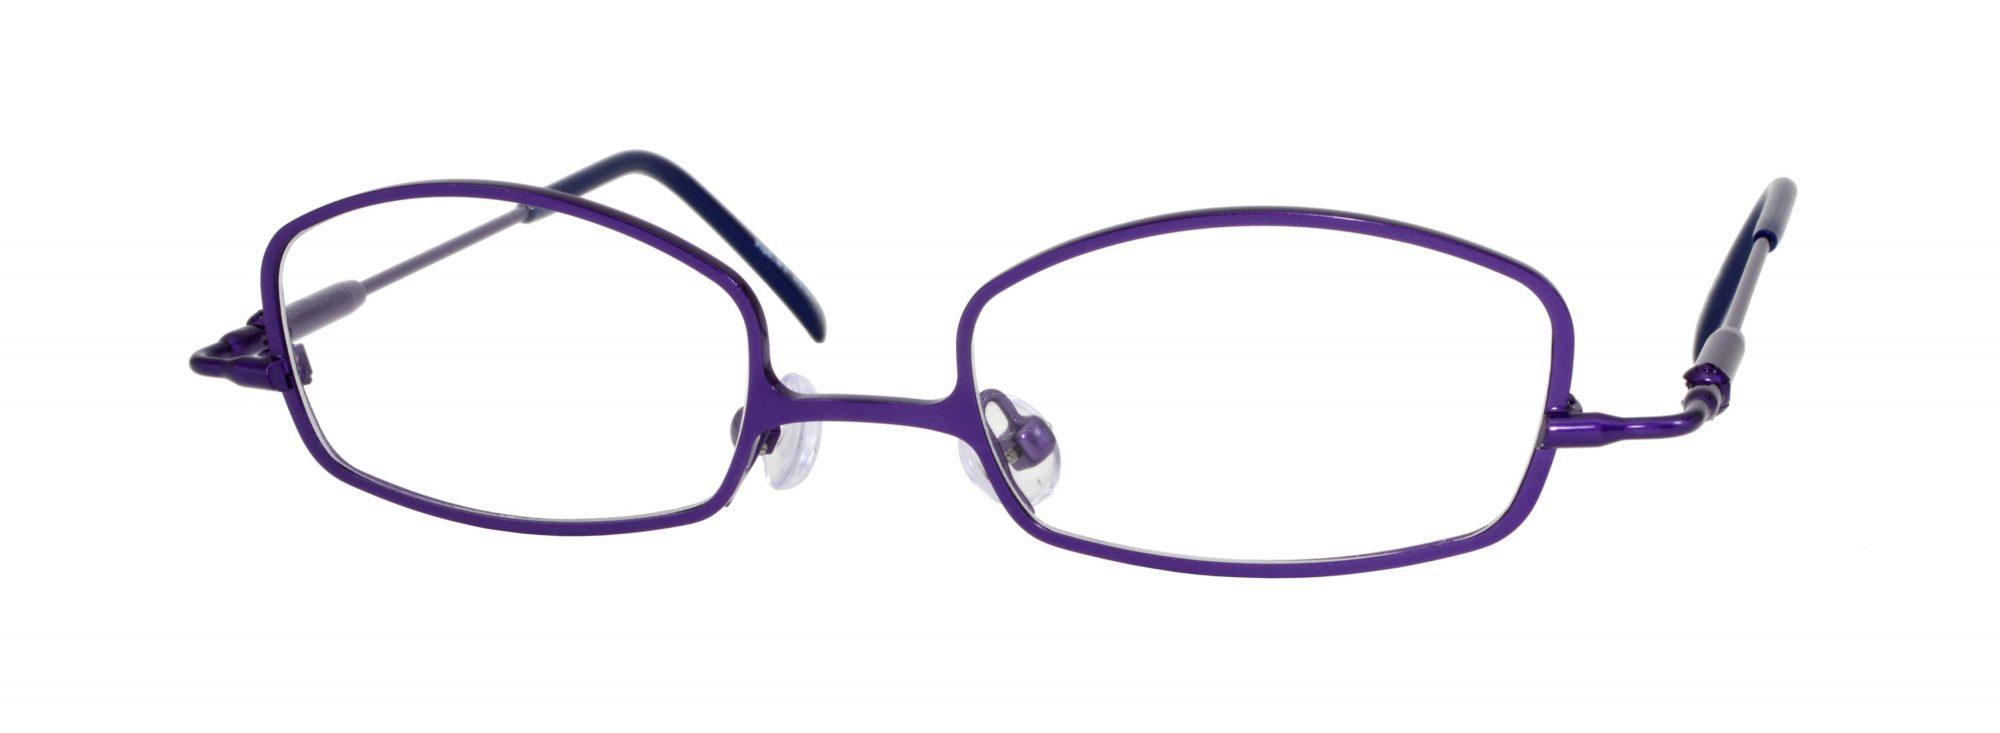 Erin's World frame style number EW-07 in dark violet